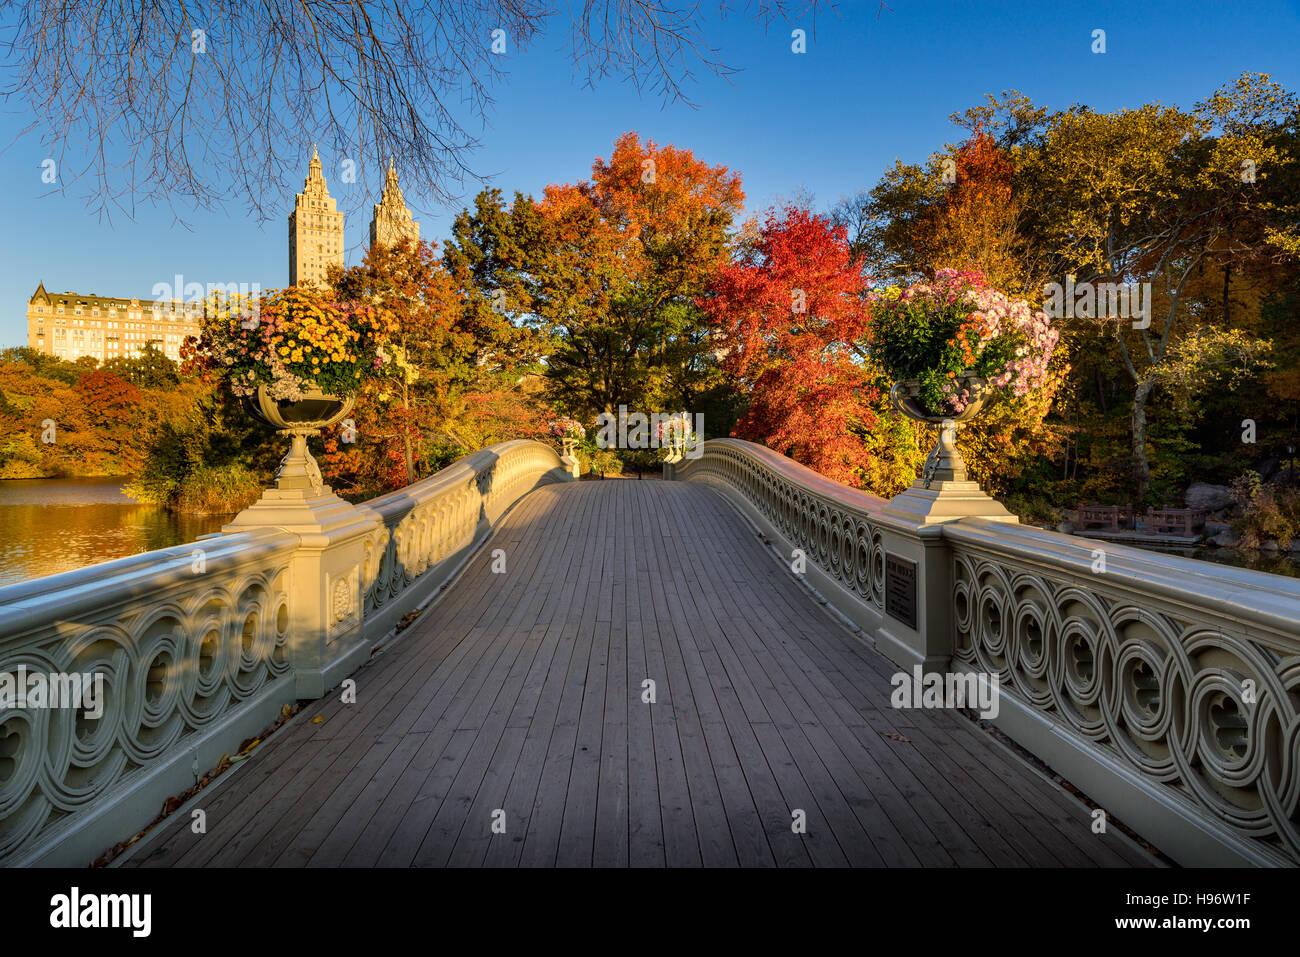 Otoño en Central Park en el lago con el puente de proa. Ver el amanecer con un colorido follaje de otoño. Imagen De Stock